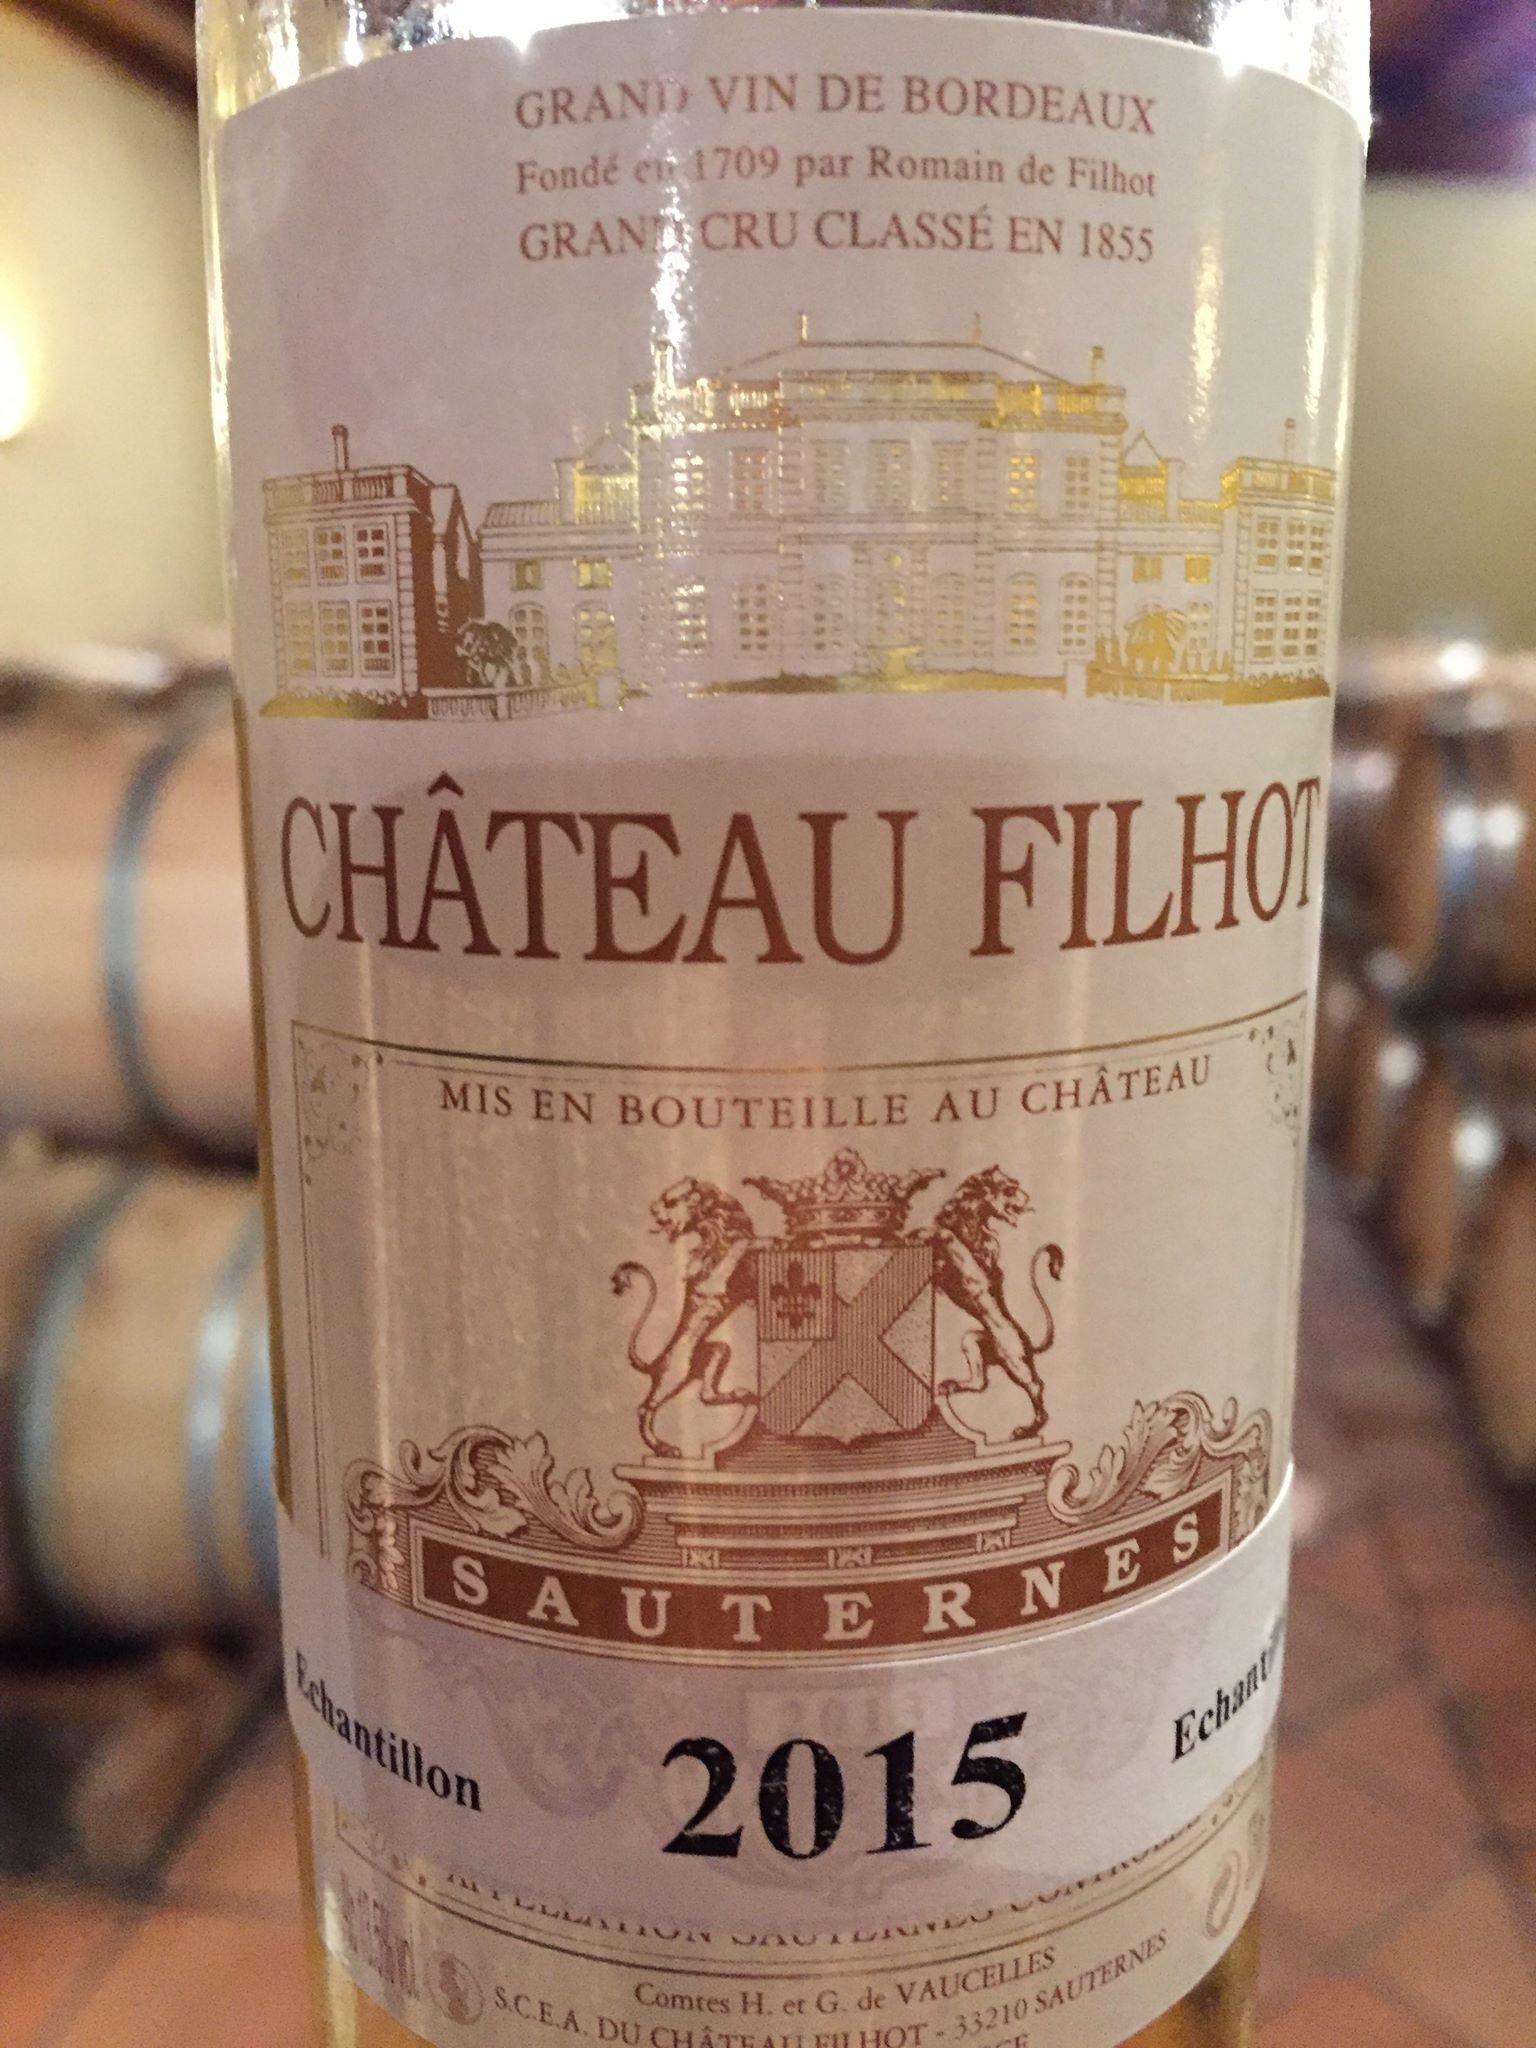 Château de Filhot 2015 – Sauternes, 2nd Grand Cru Classé